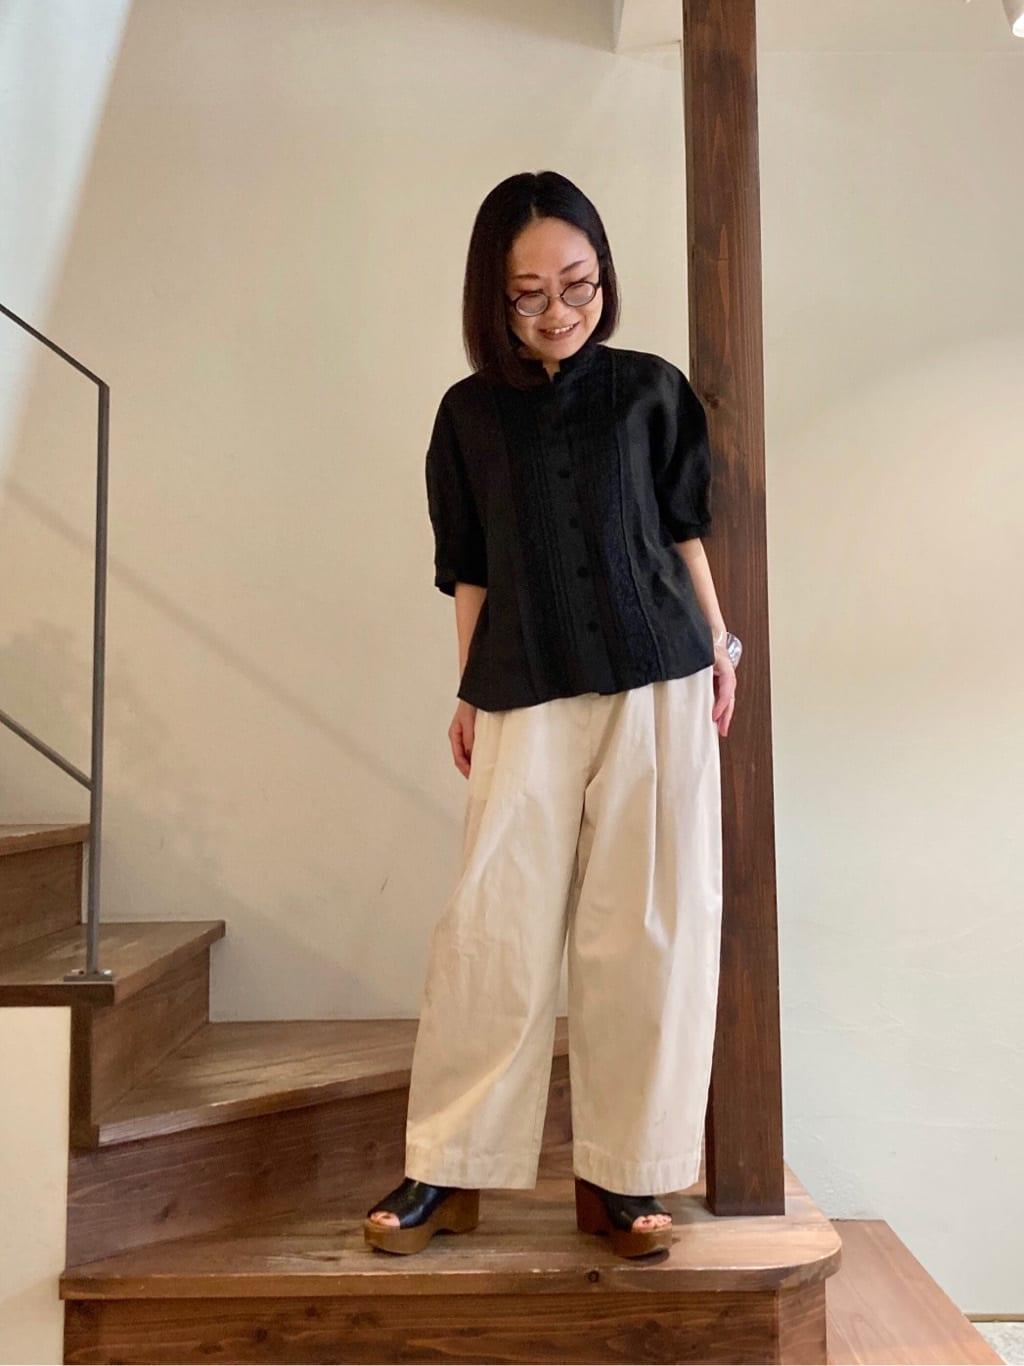 yuni 京都路面 身長:152cm 2021.06.17